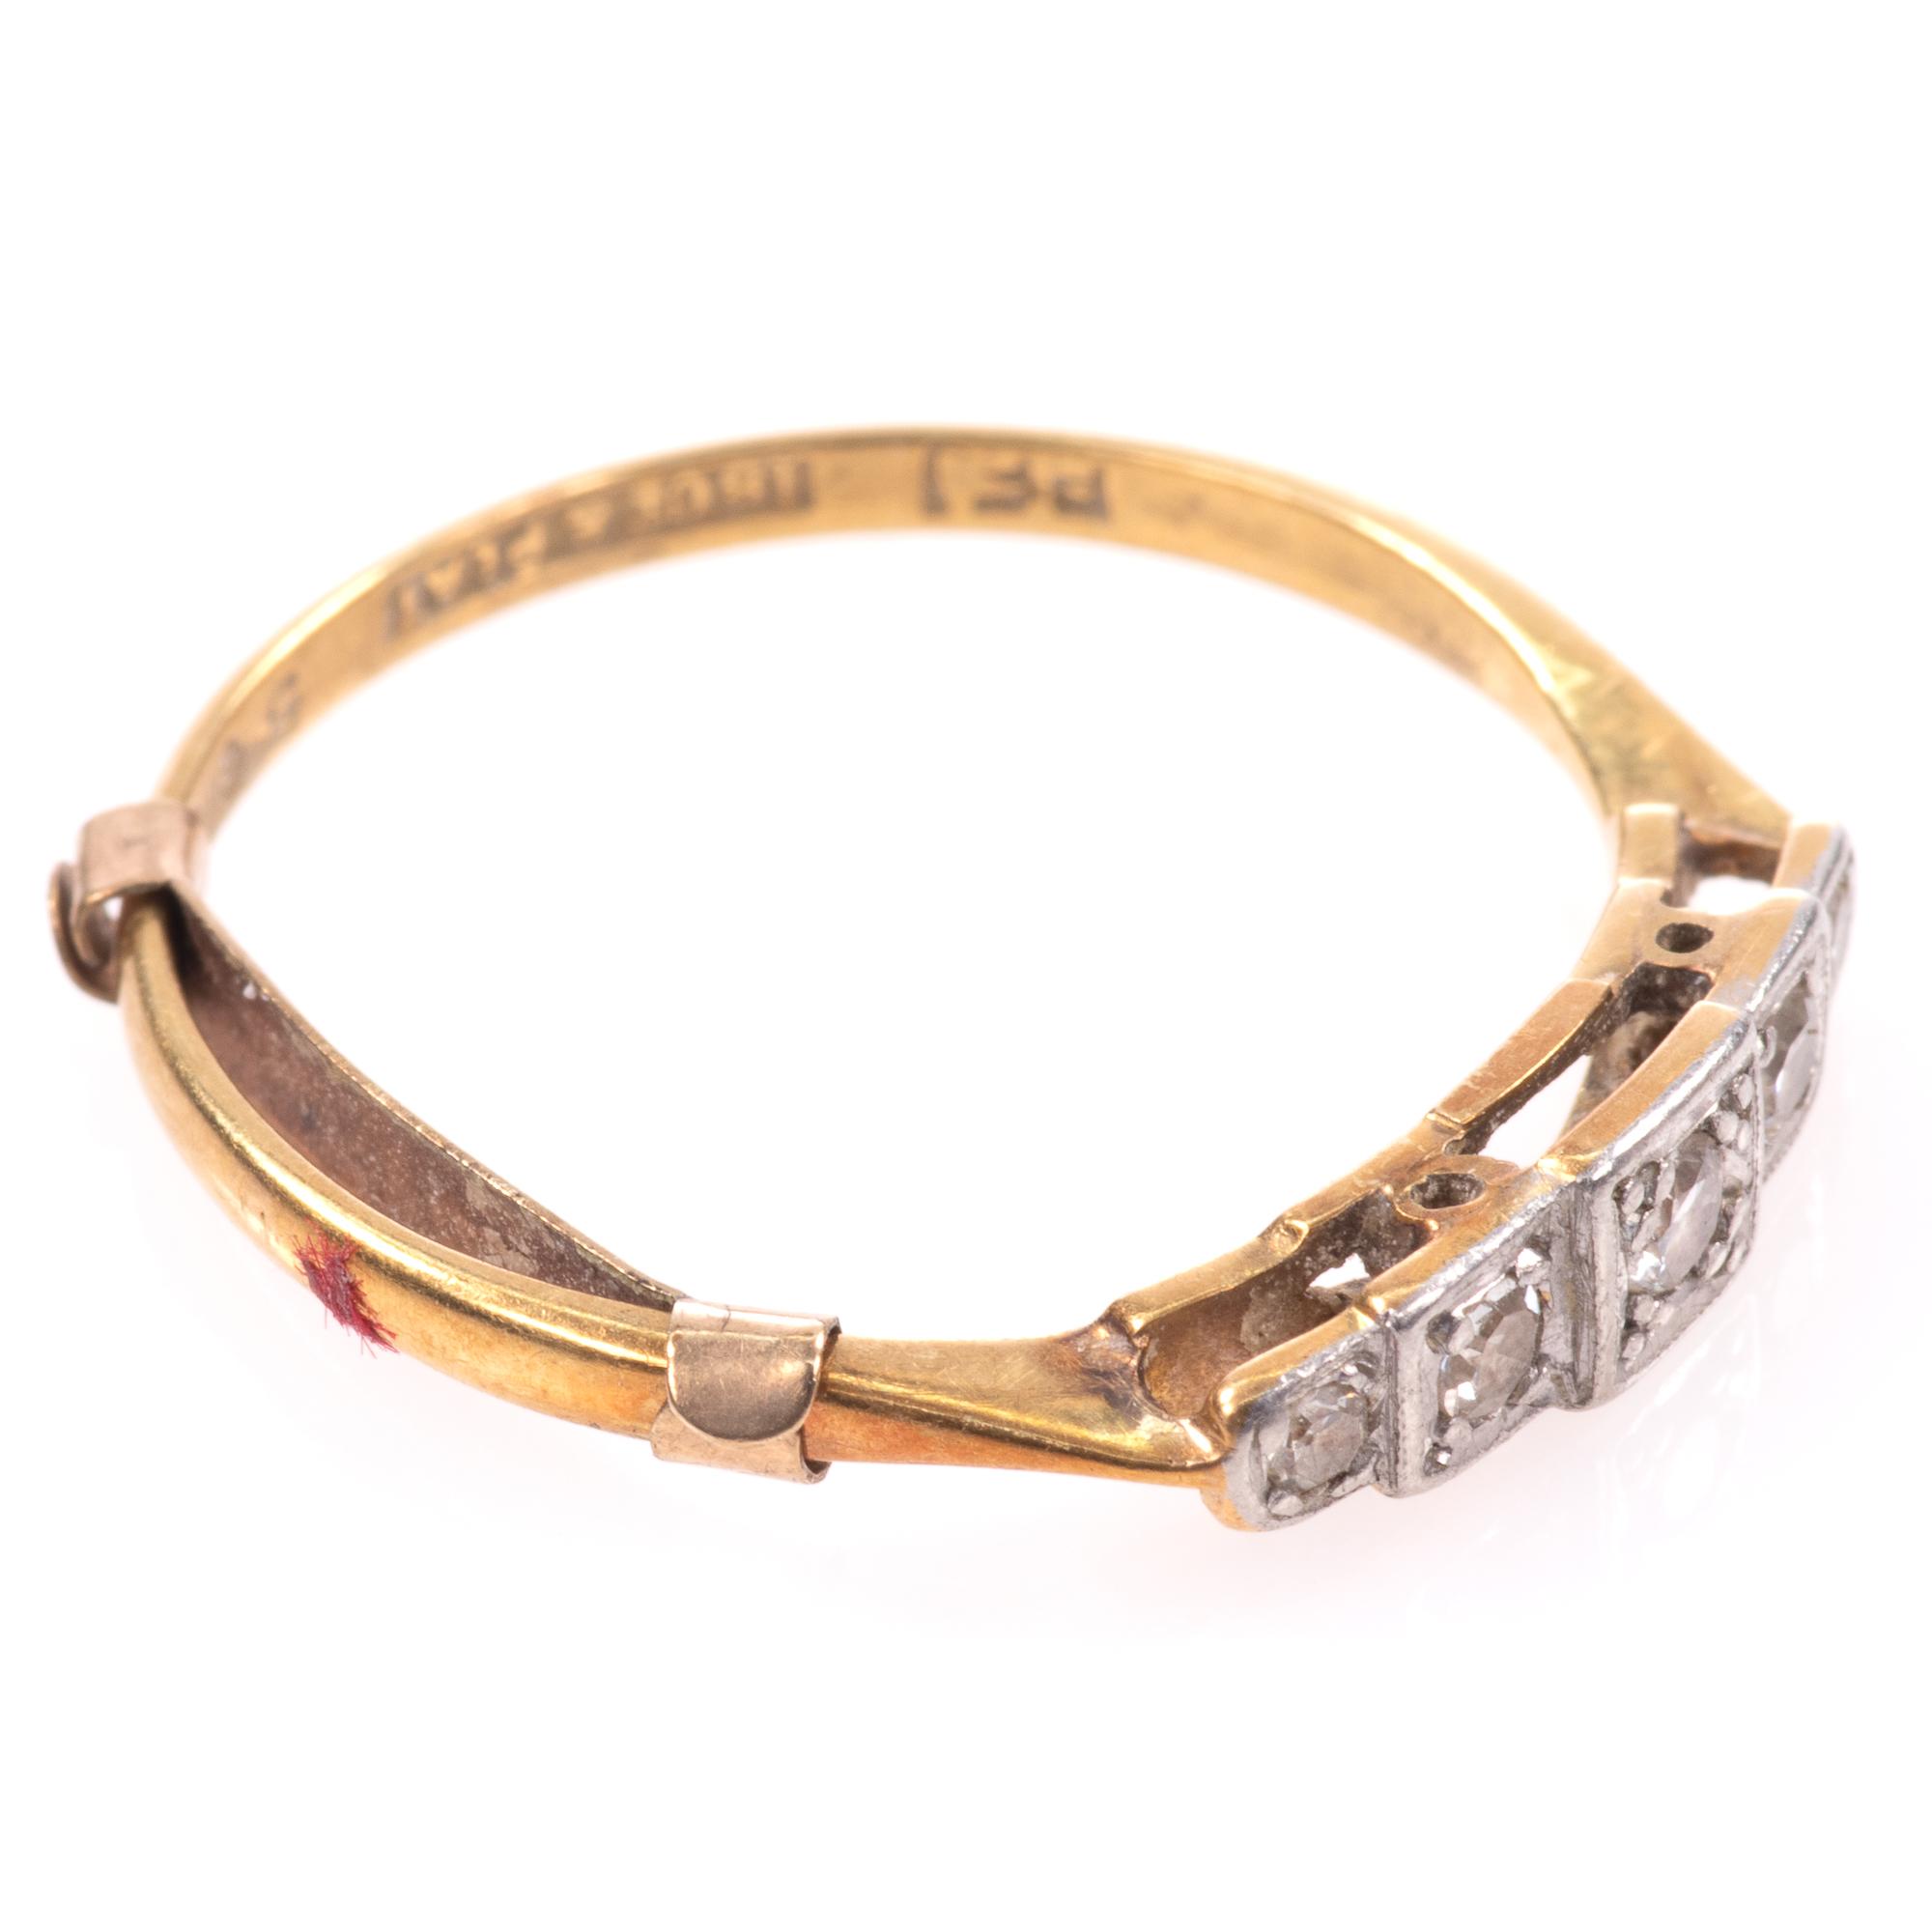 18ct Gold & Platinum Art Deco Diamond Ring - Image 8 of 9